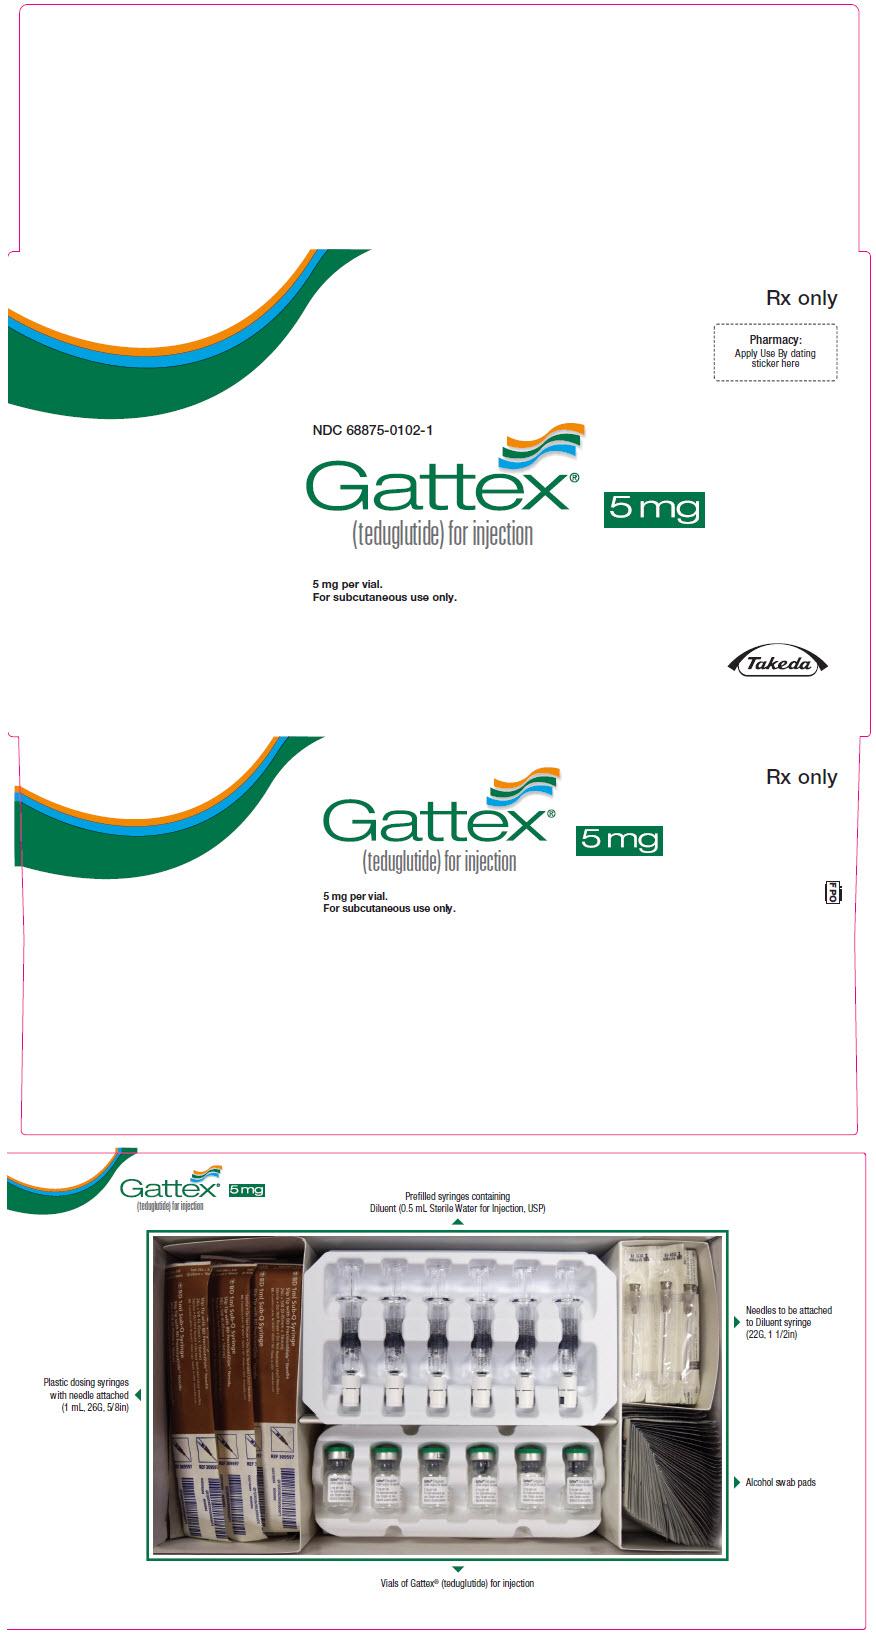 PRINCIPAL DISPLAY PANEL - 30 Vial Kit Carton